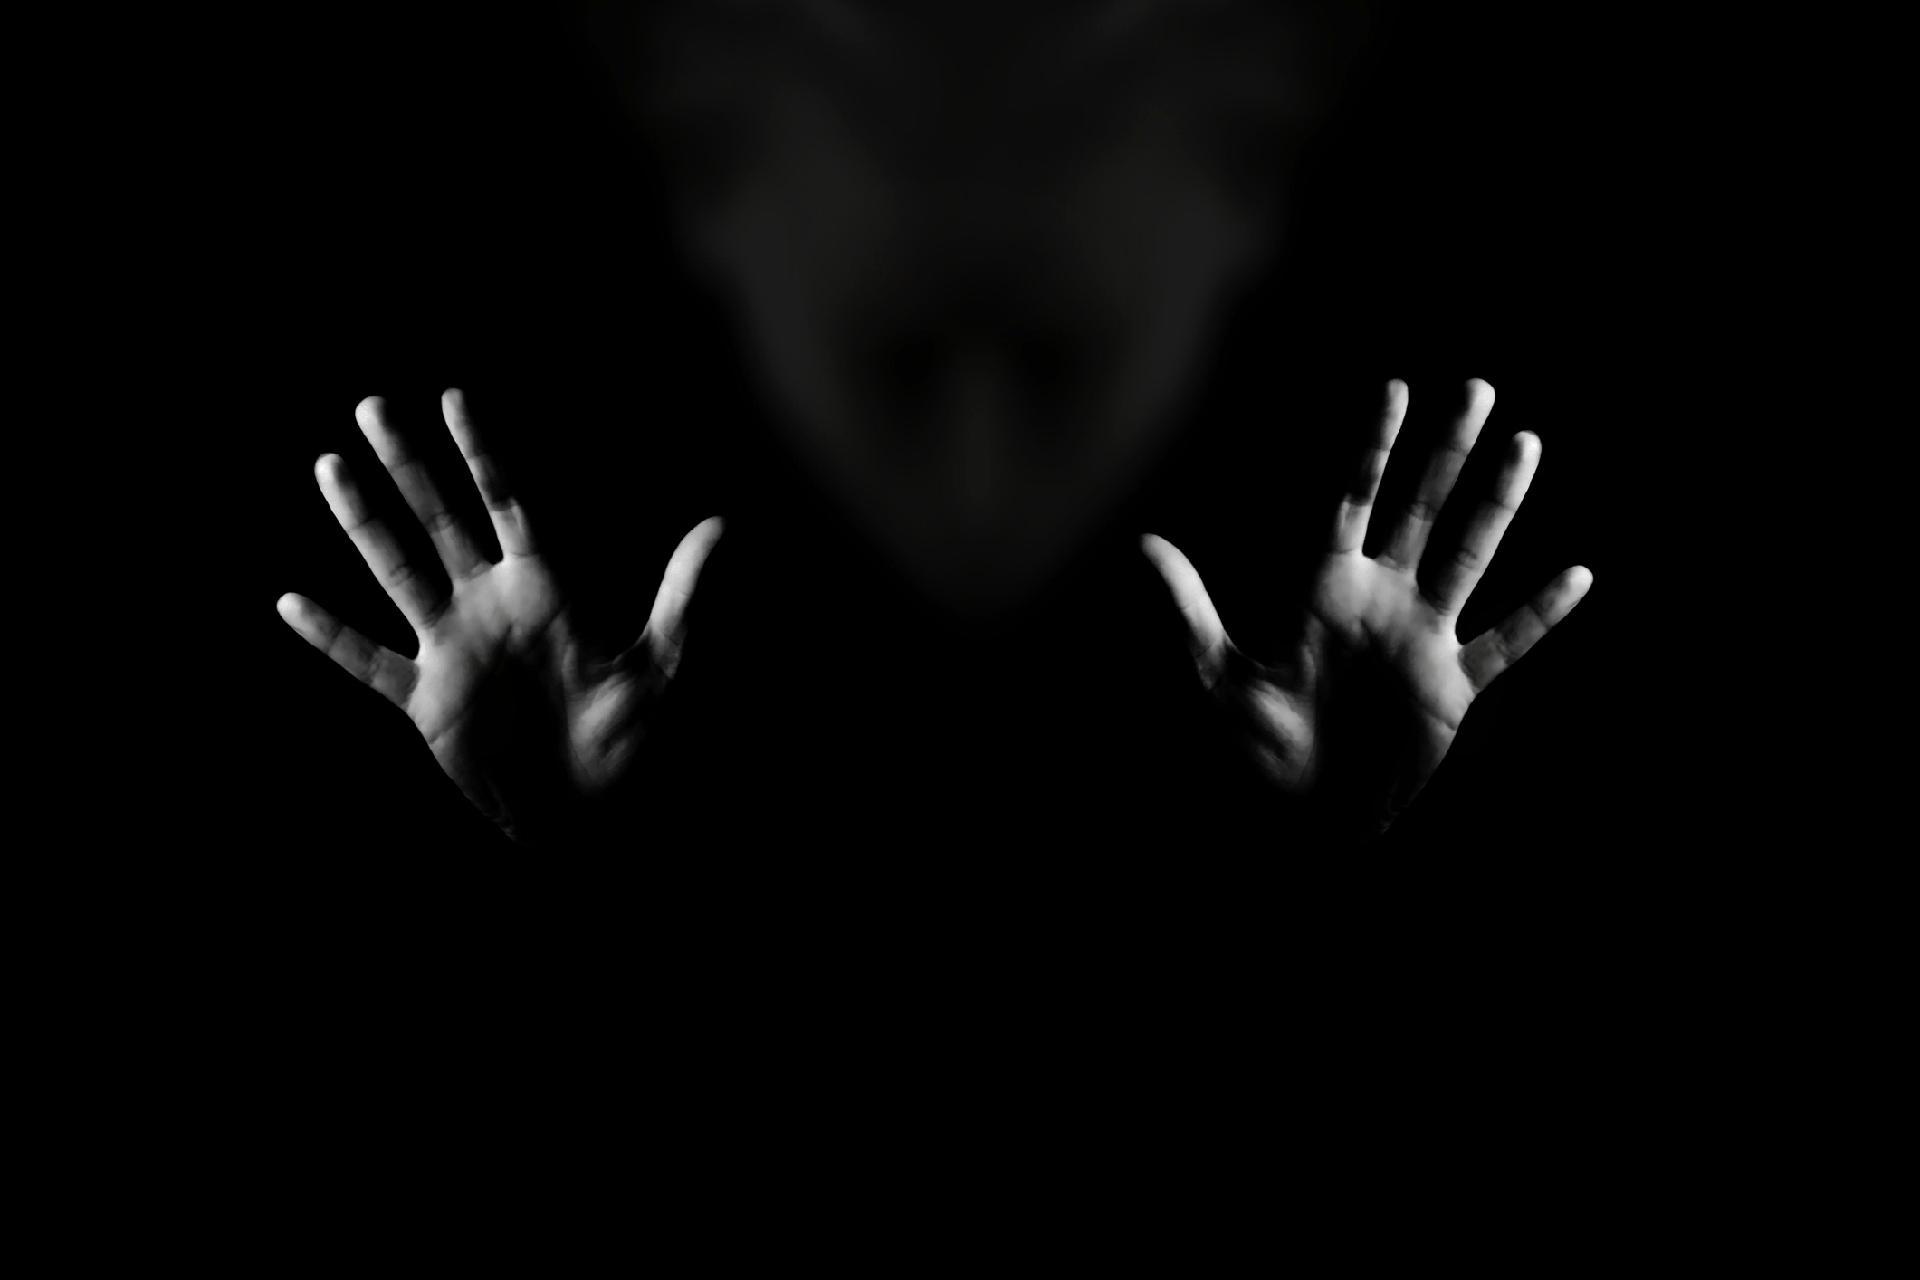 Matei o meu agressor: quando revidar é legítima defesa - 24/06/2020 - UOL  Universa